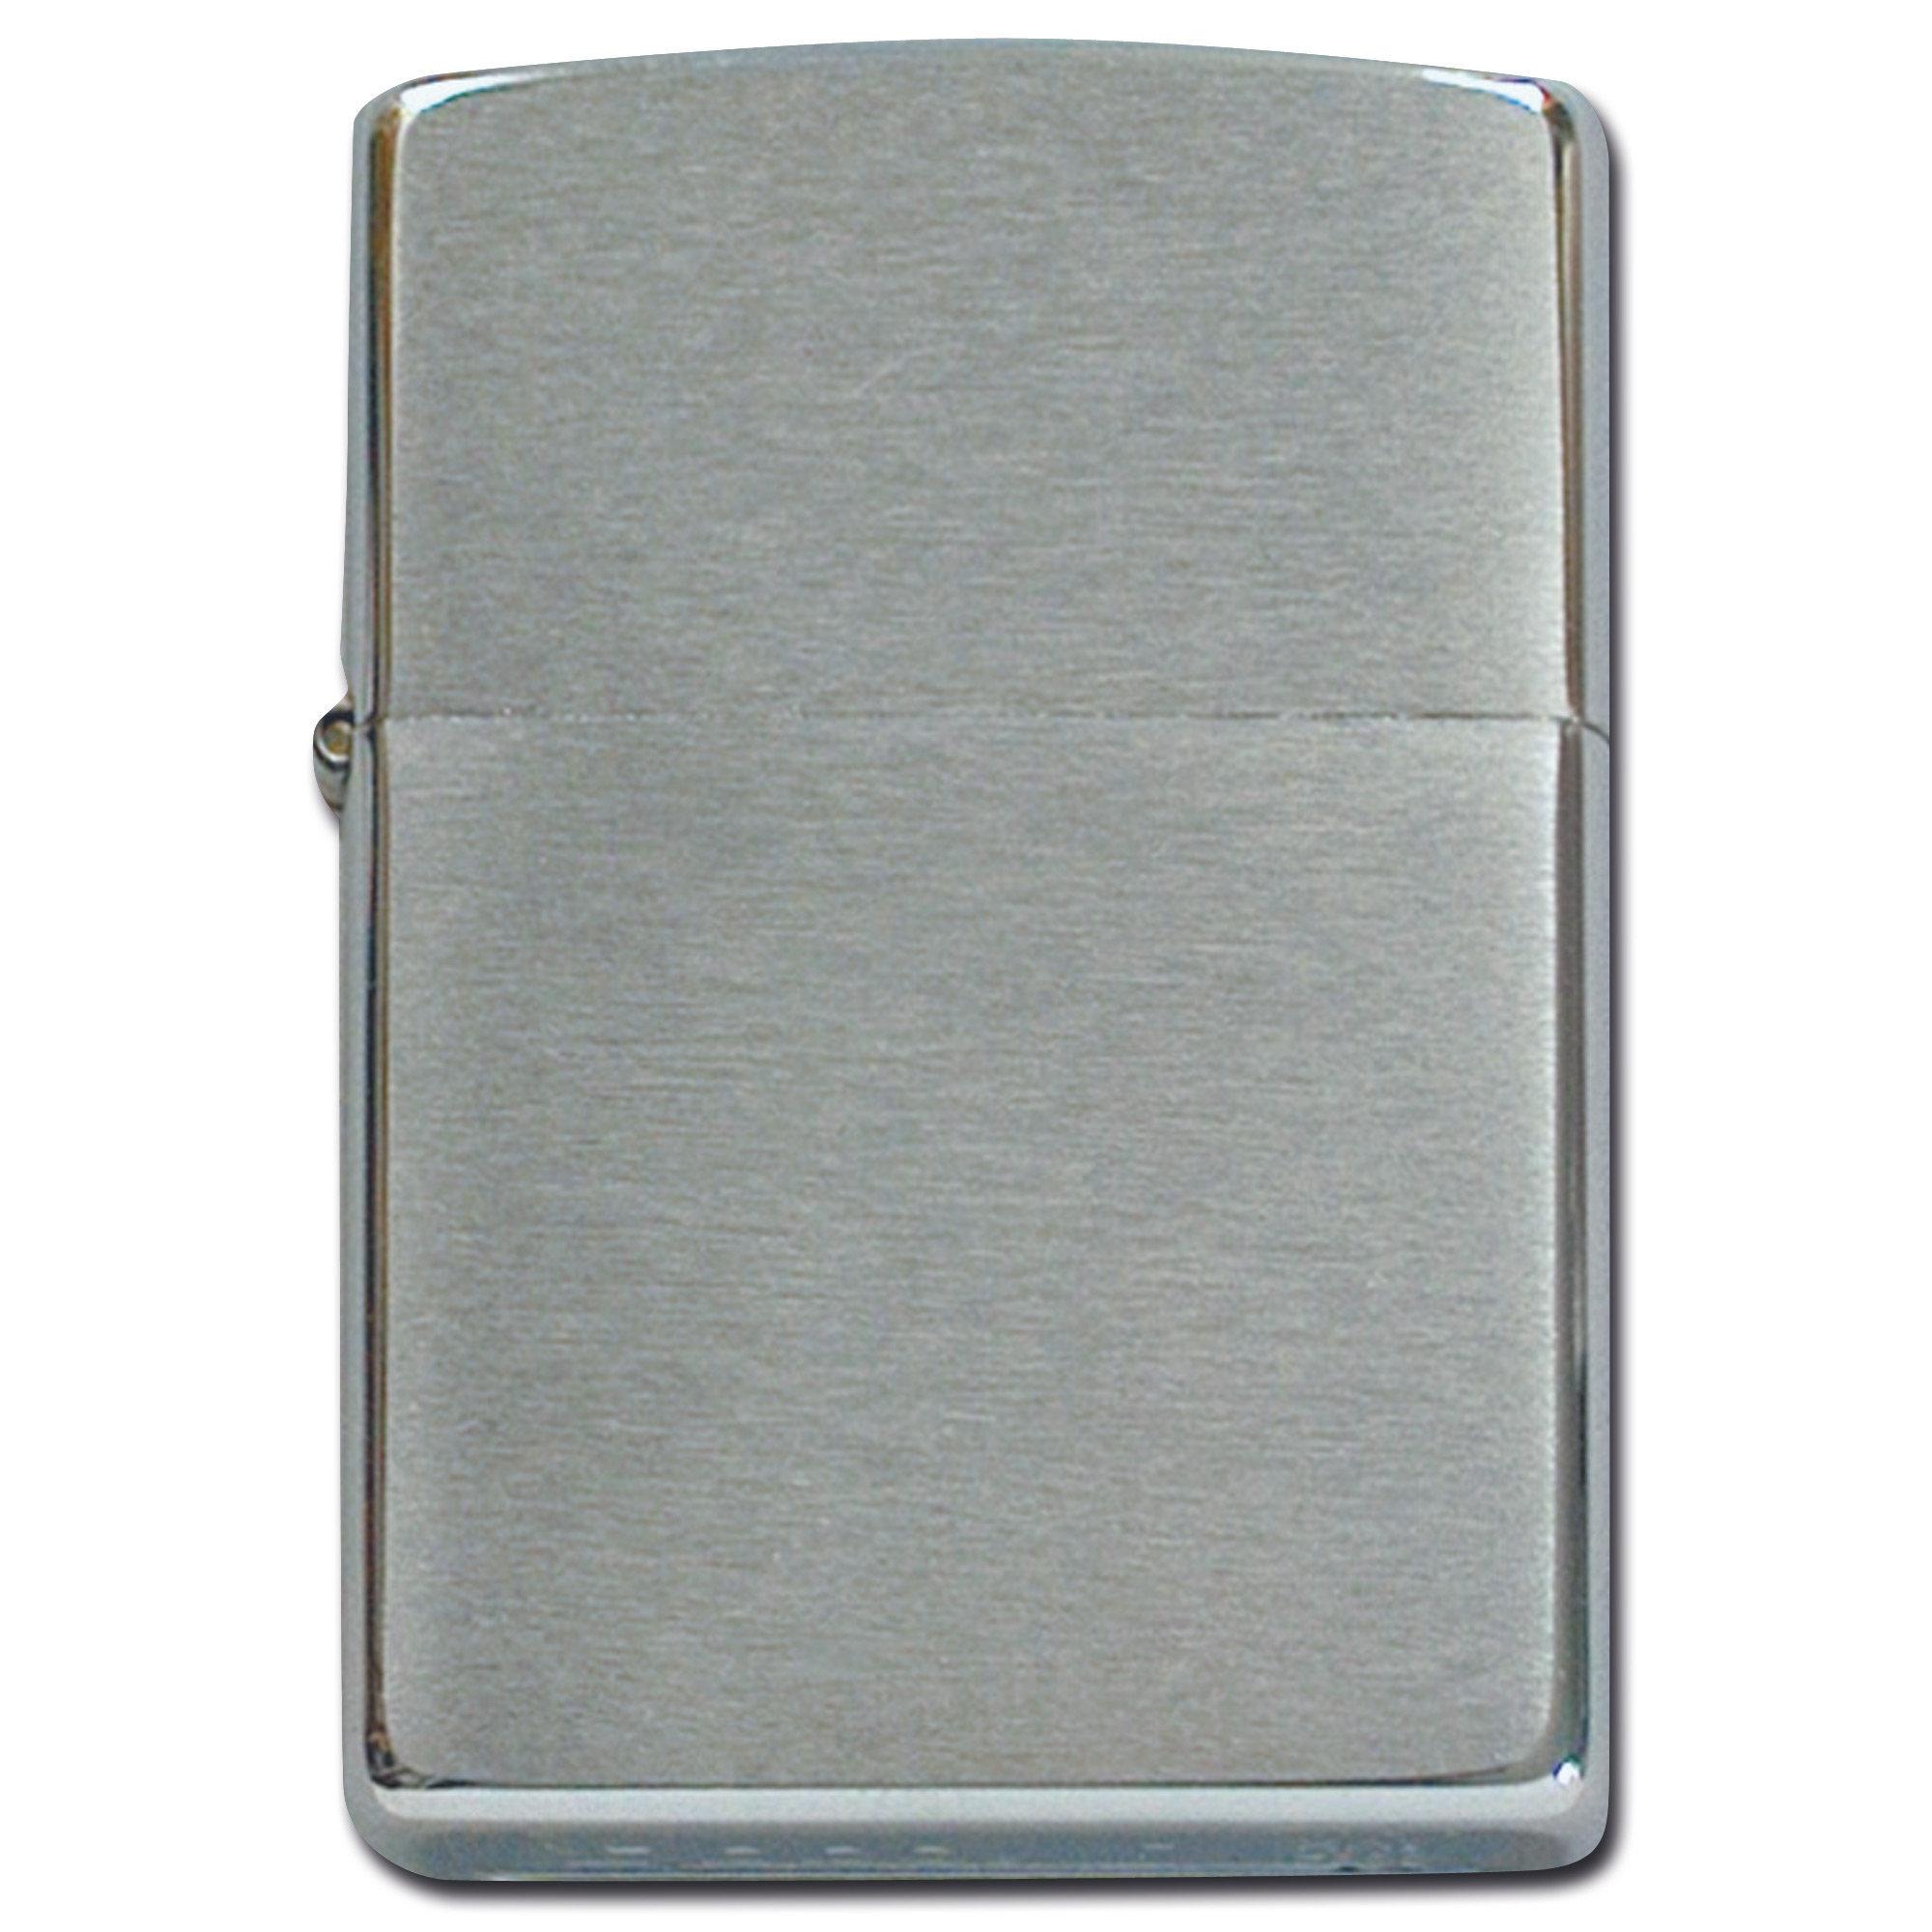 Accendino zippo in cromo spazzolato asmc avventura sicurezza militare campeggio - Normativa abbigliamento cucina ...